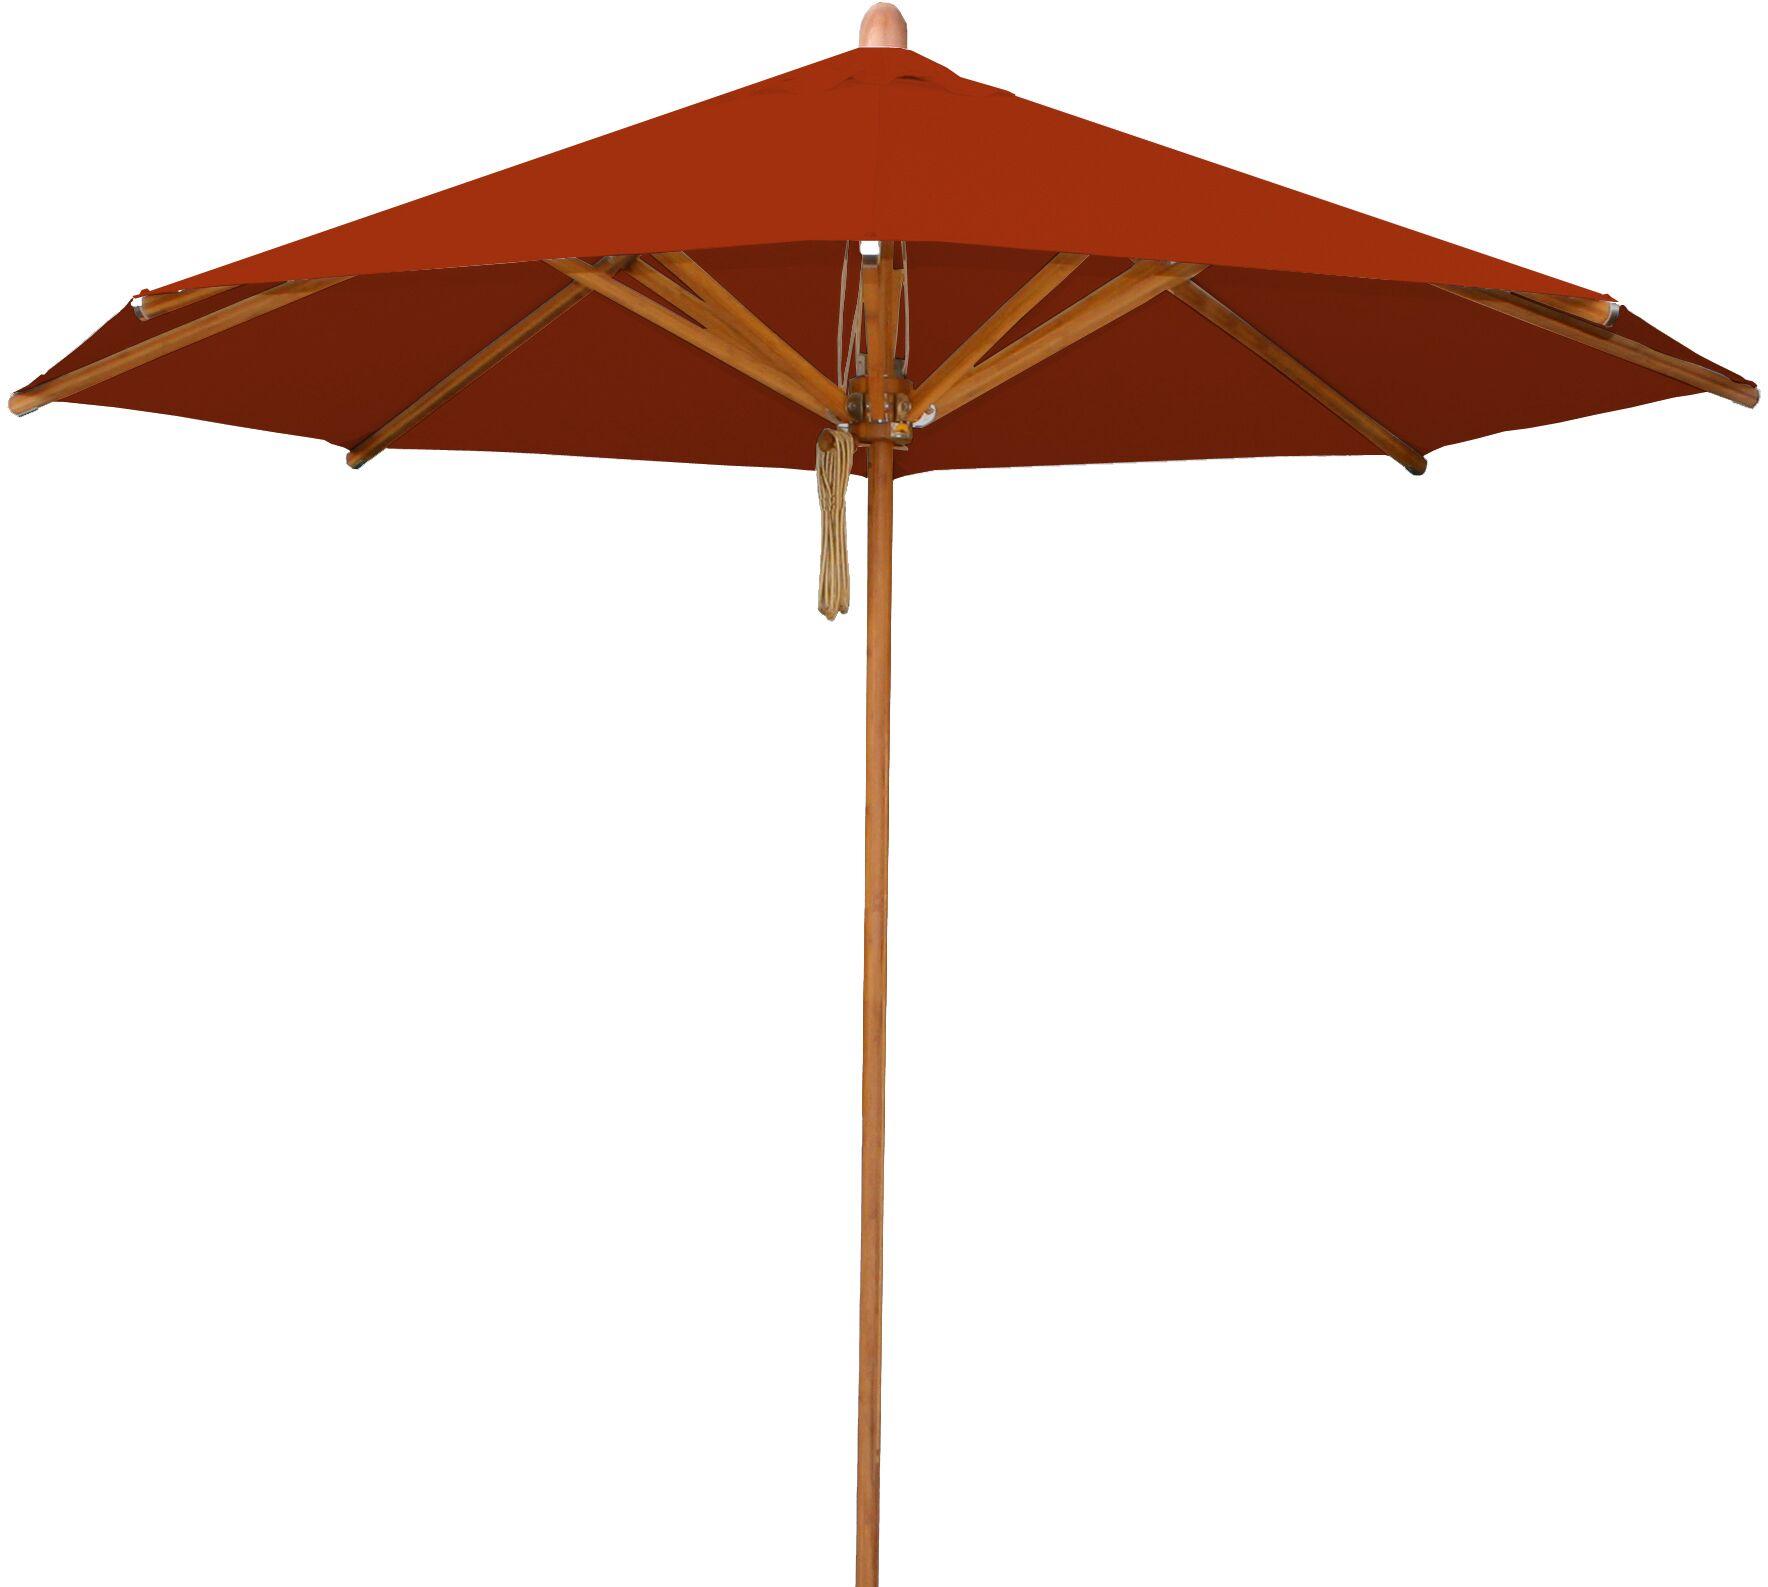 Levante 8.5' Market Umbrella Fabric: Terracotta